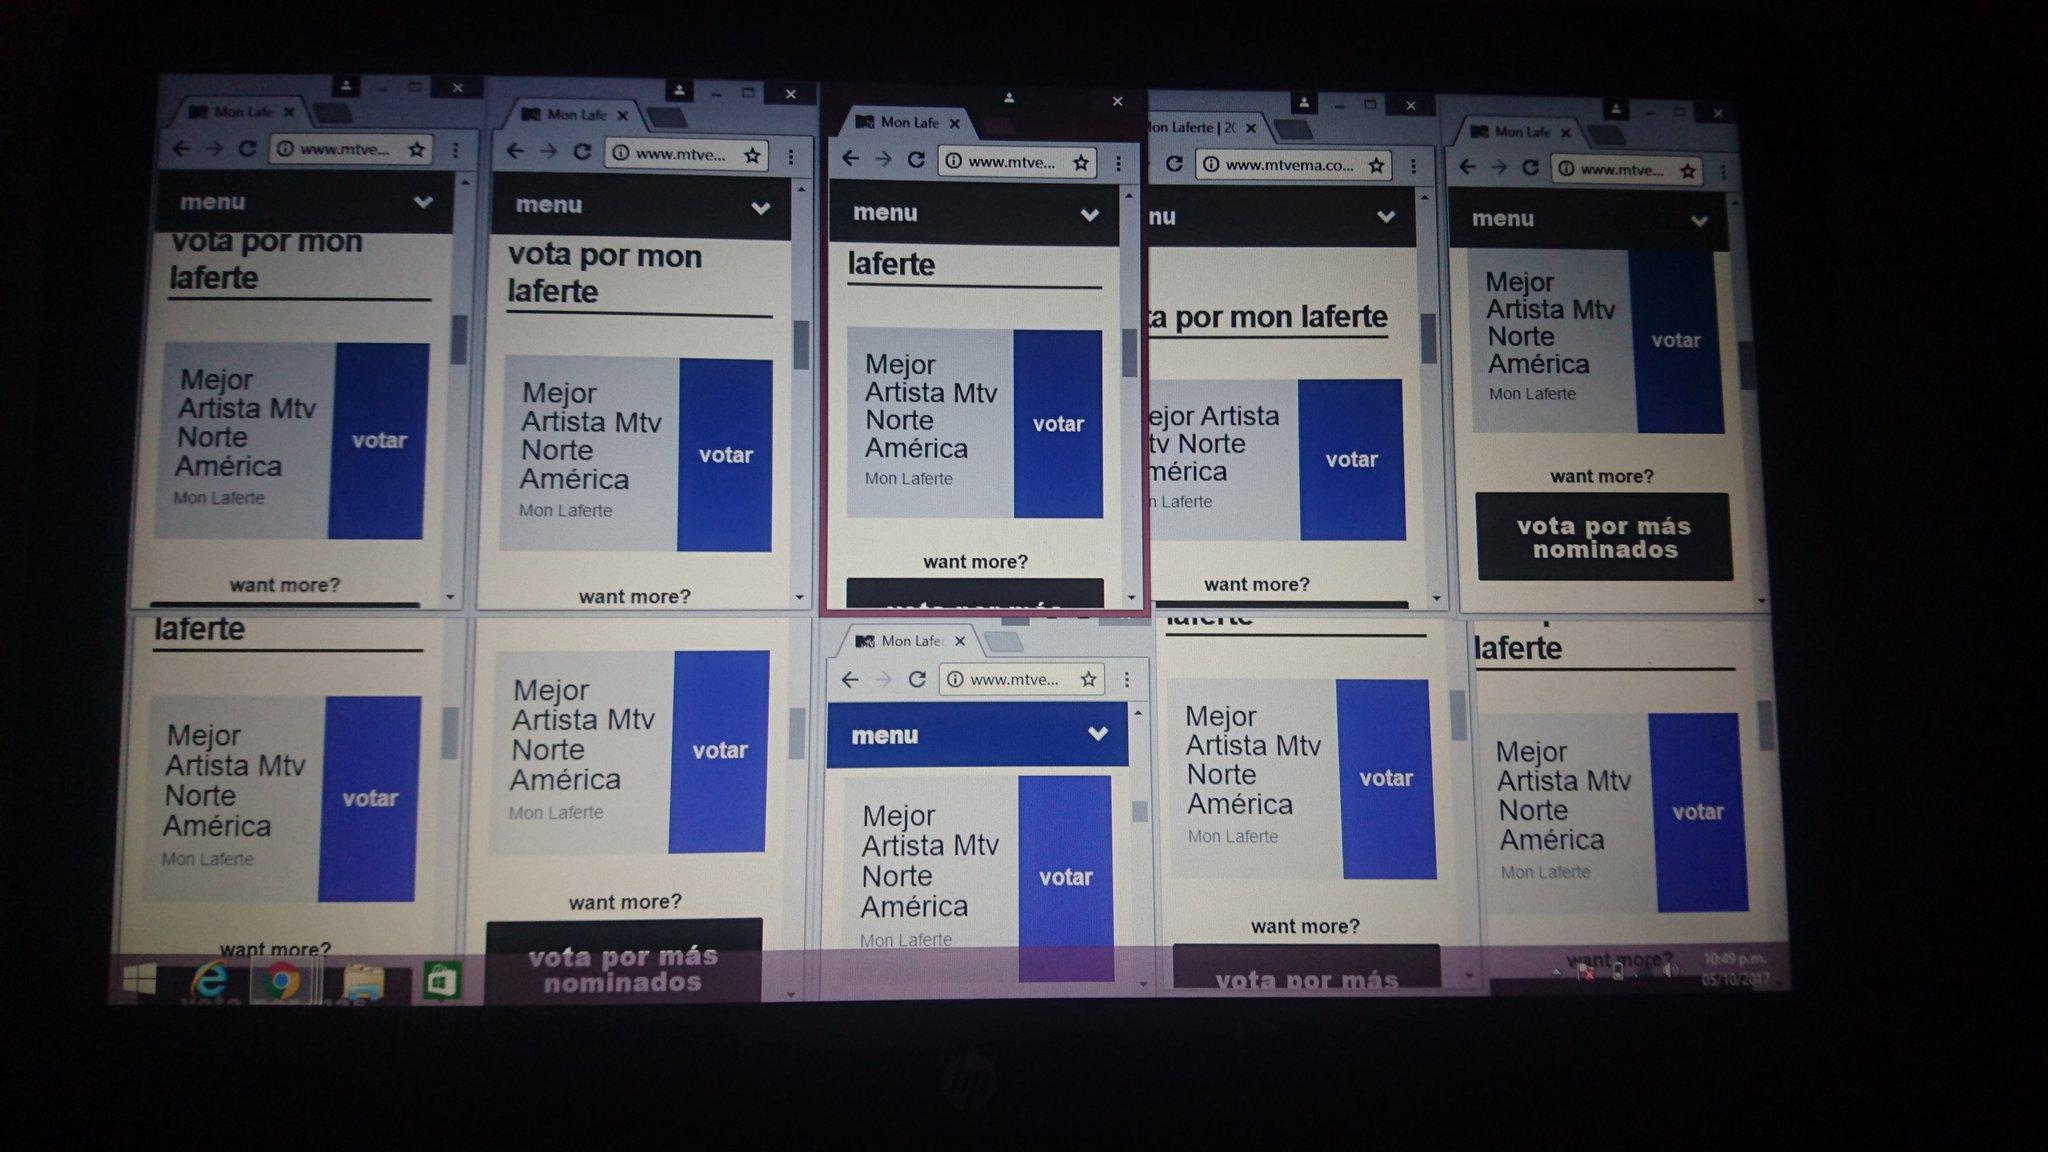 Así es más fácil votar �� @monlaferte #MTVEMA  Link��  https://t.co/Mmf2KD73Fn https://t.co/uUGtavhWv5